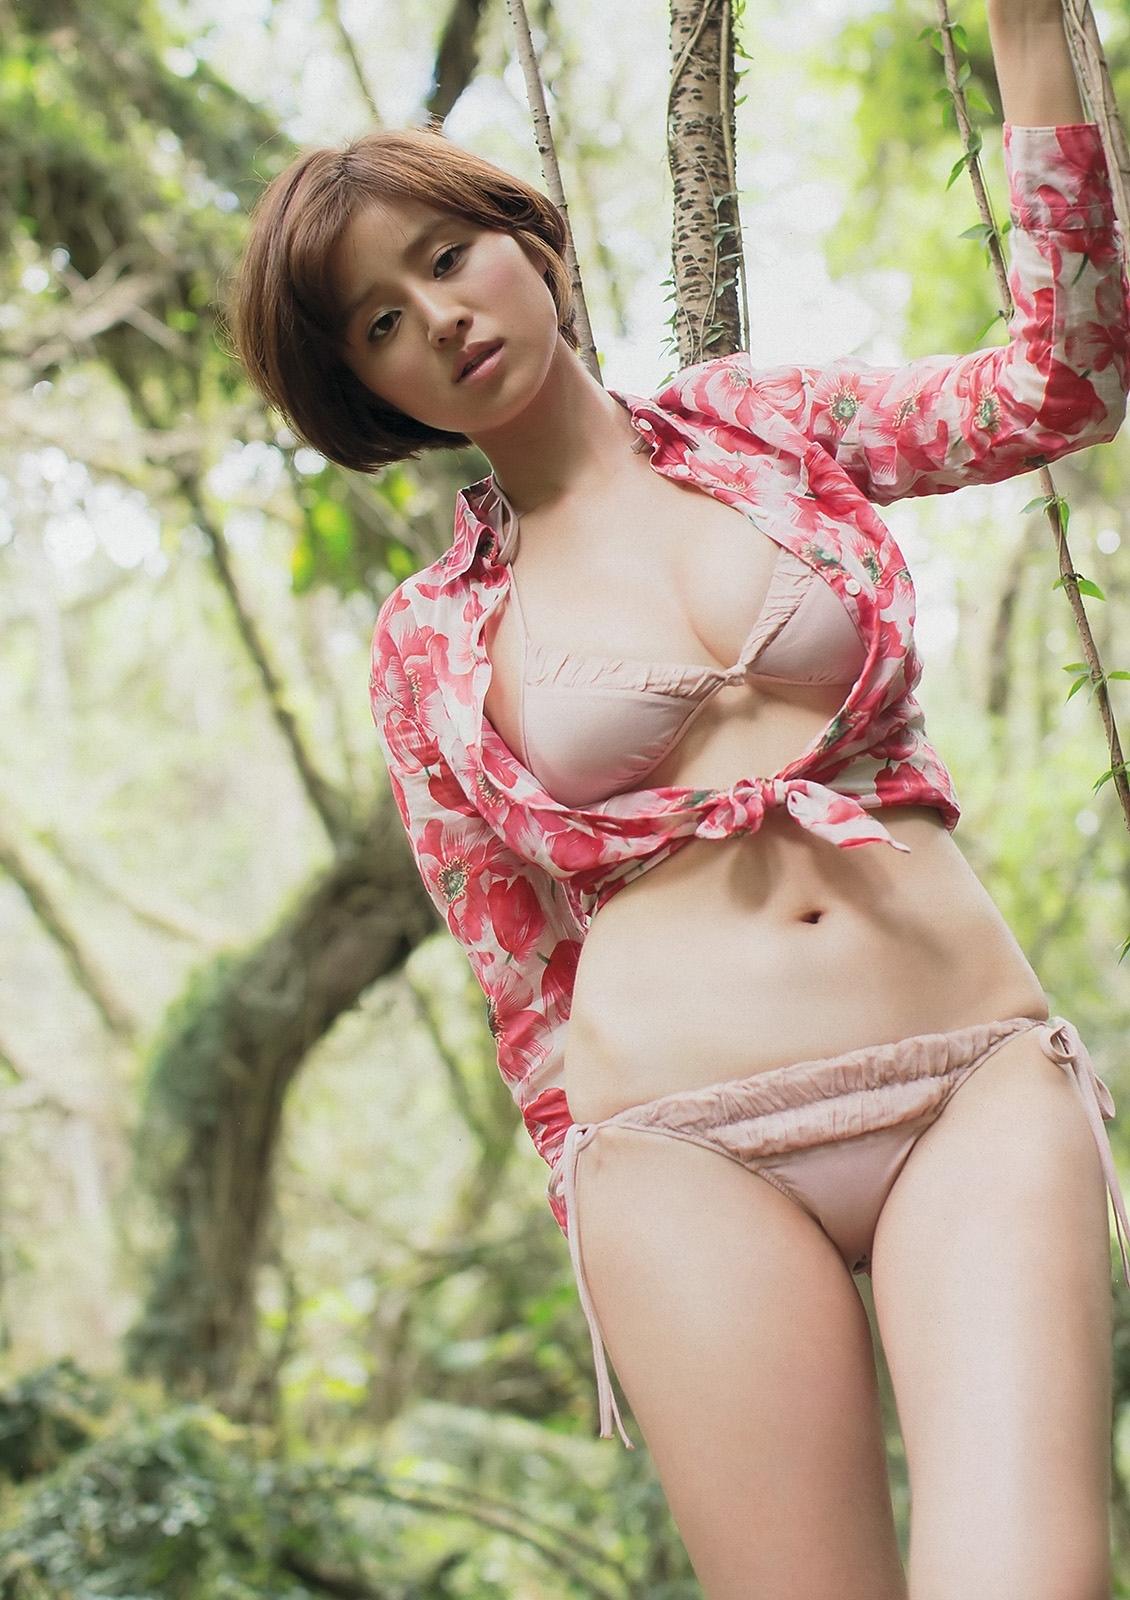 鈴木ちなみ54